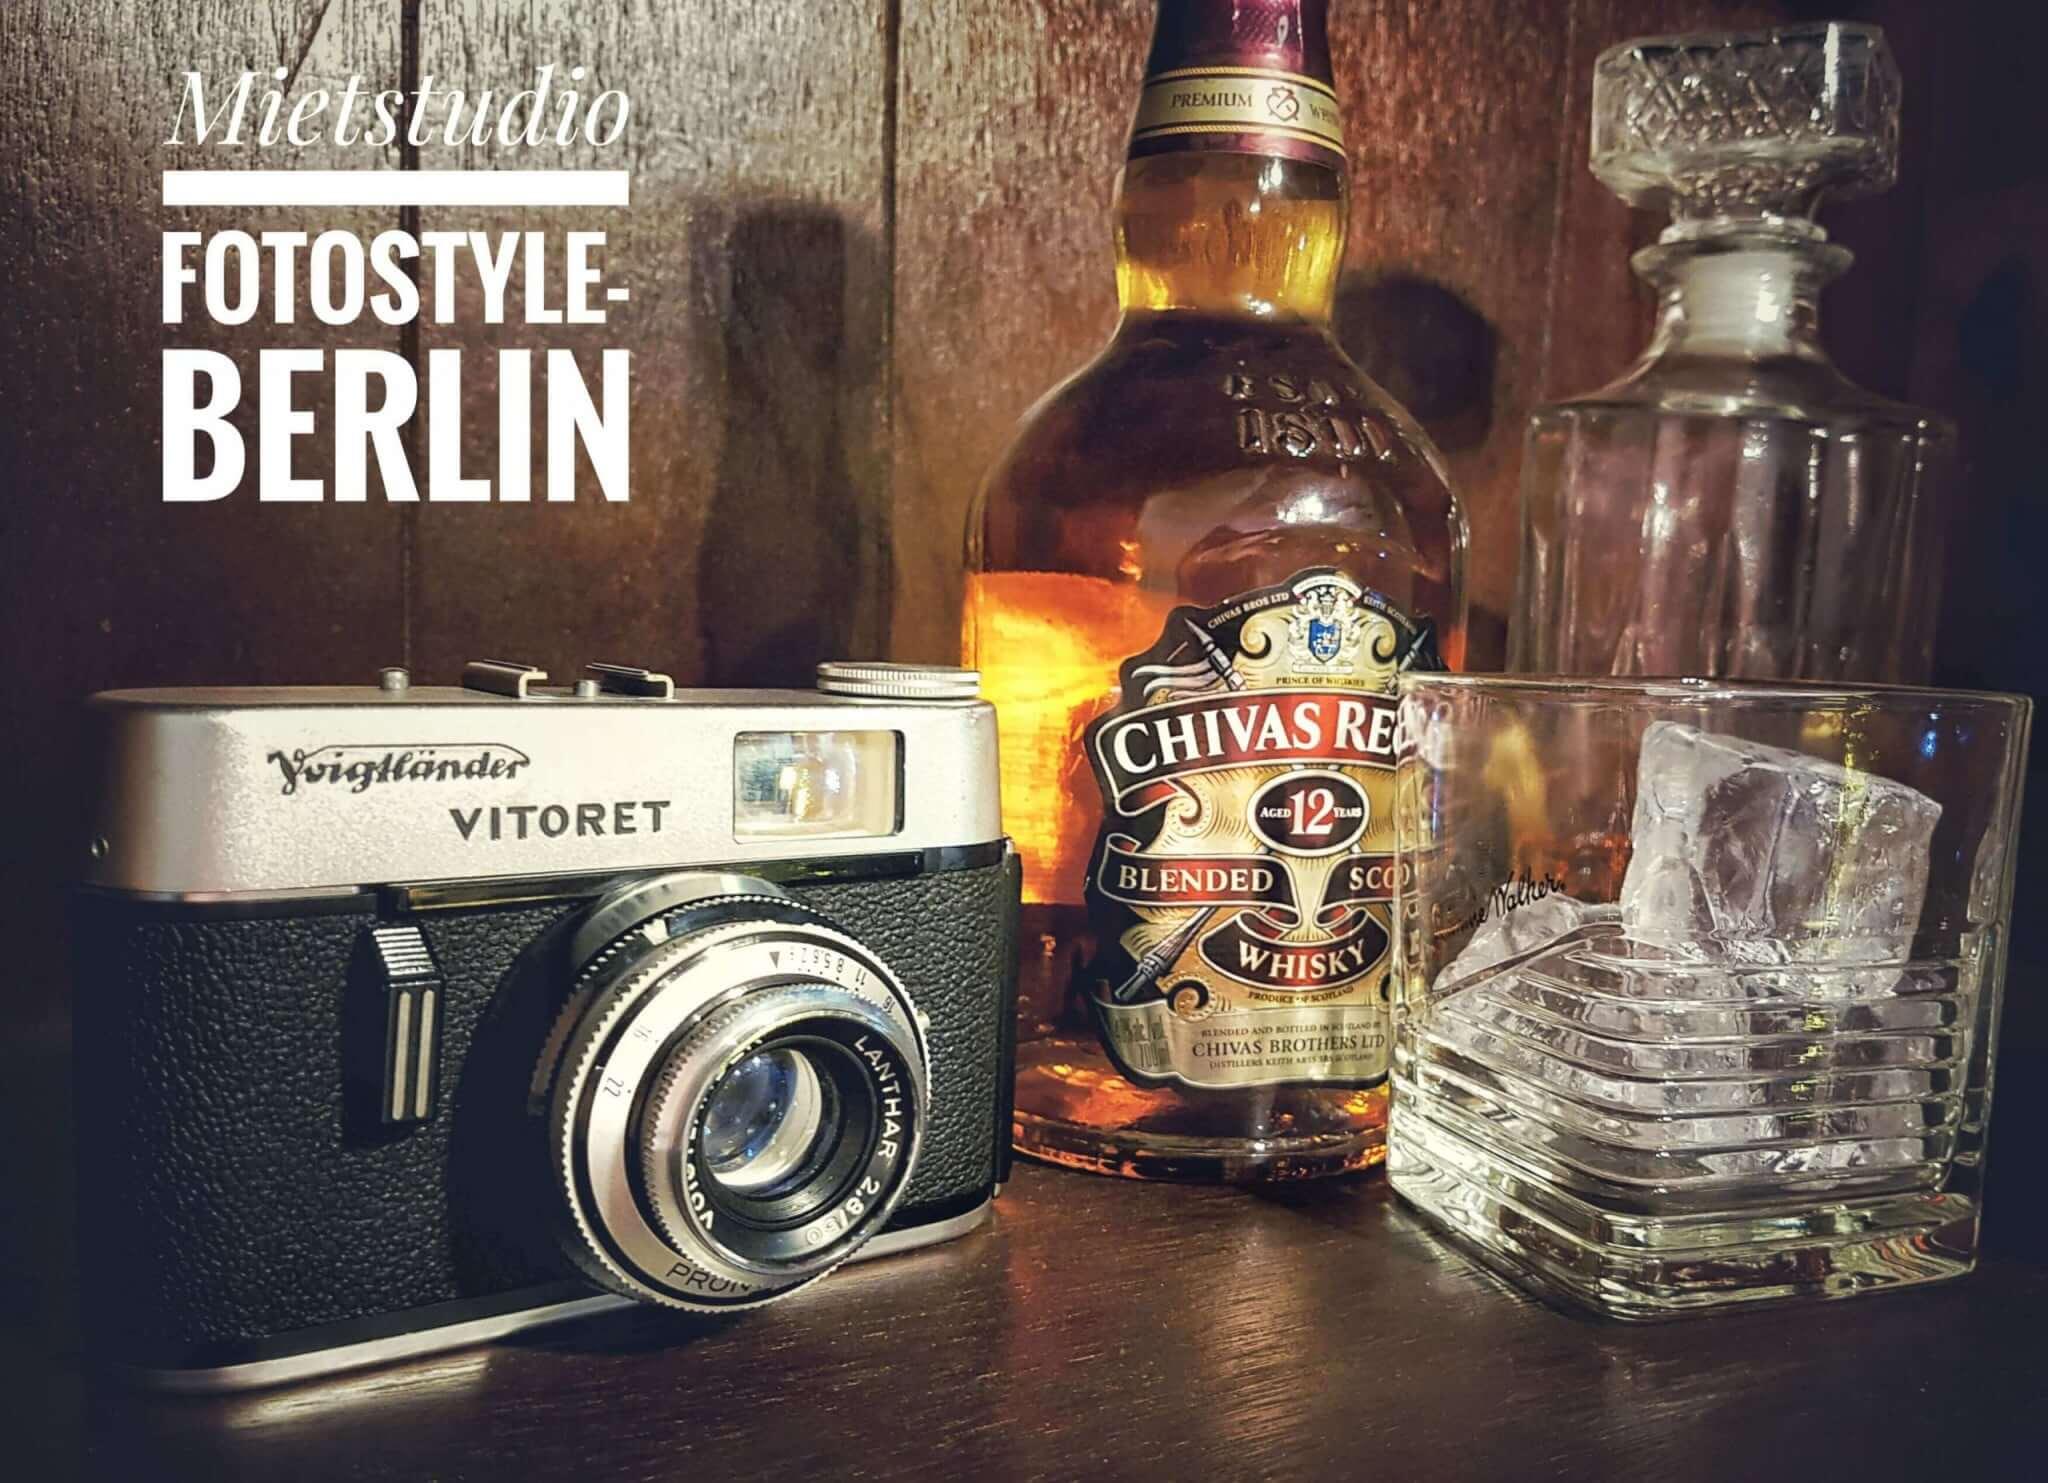 fotostudio in berlin mieten vintage scaled - Mietstudio in Berlin - Fotostudio mieten - Fotostyle Berlin